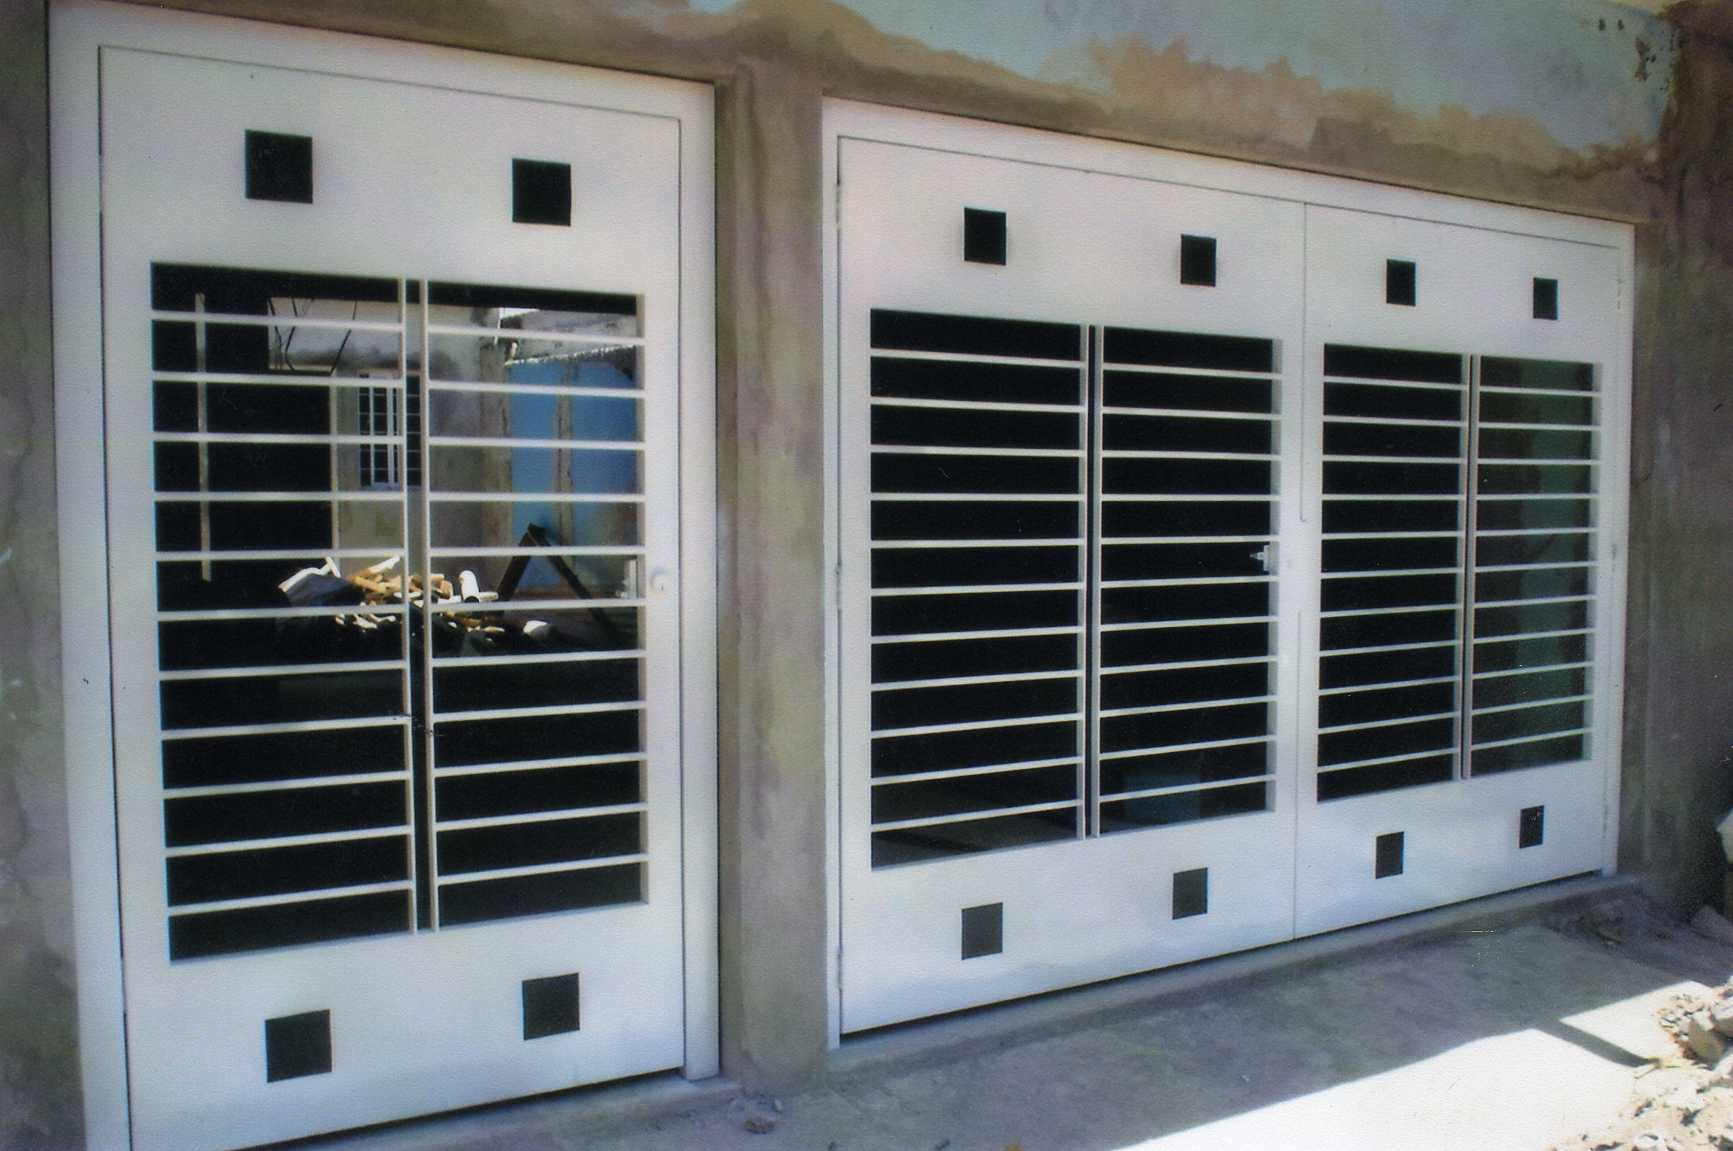 Forja y herreria garza taller forja y herreria apodaca for Puertas para casas minimalistas